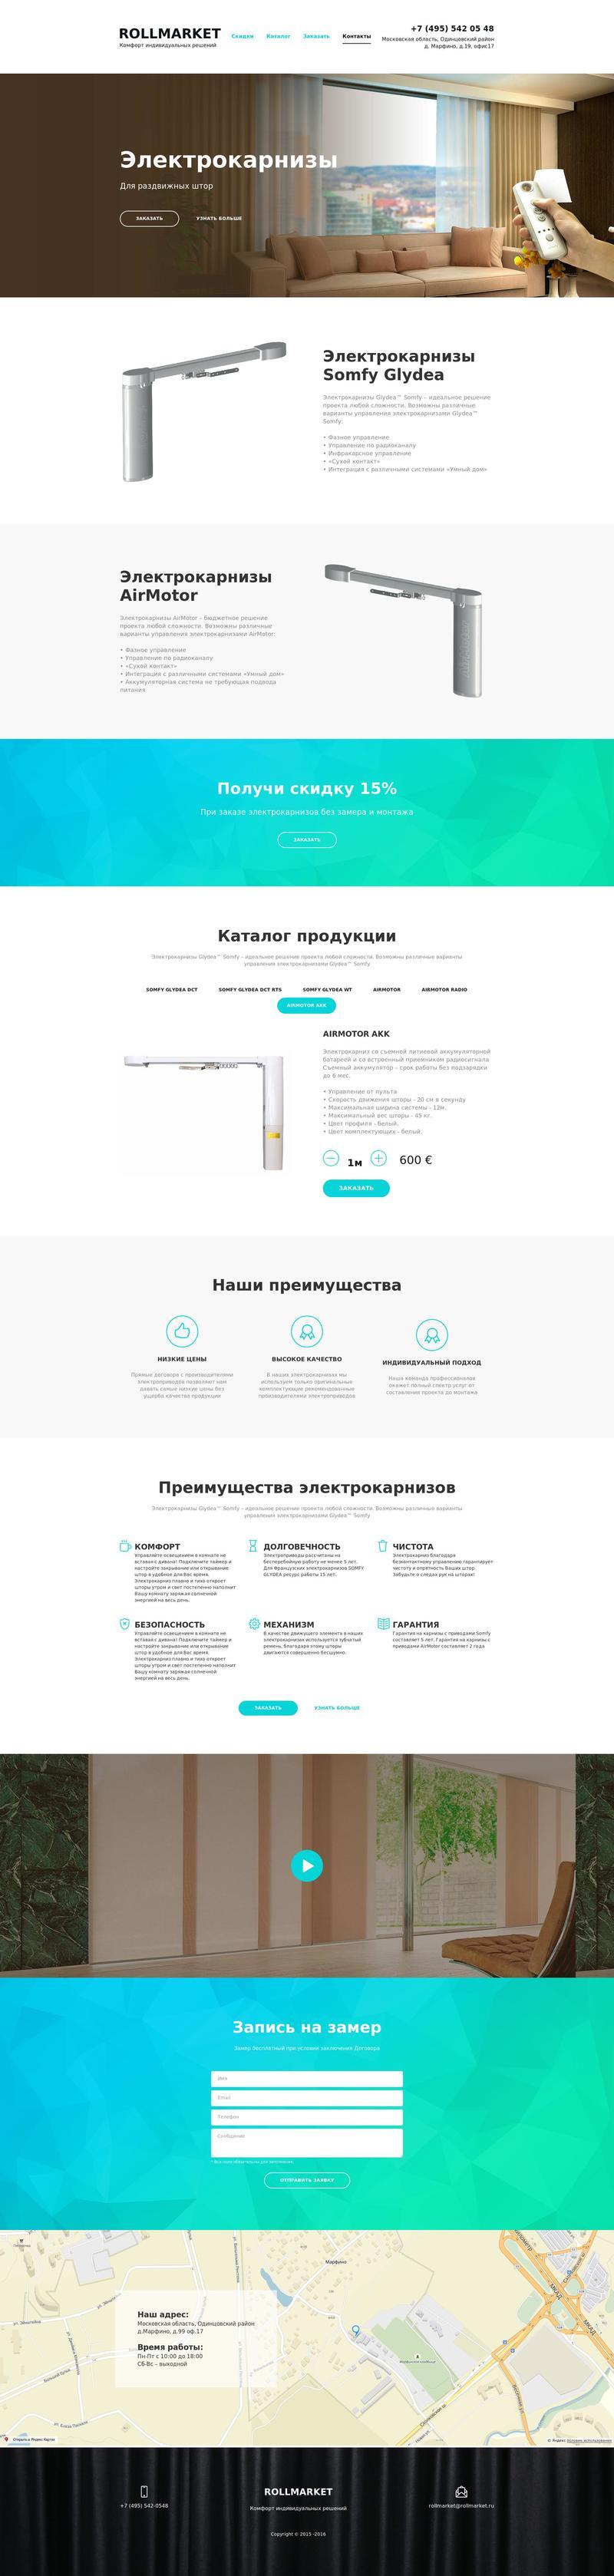 Партнерская программа создание сайтов landing page